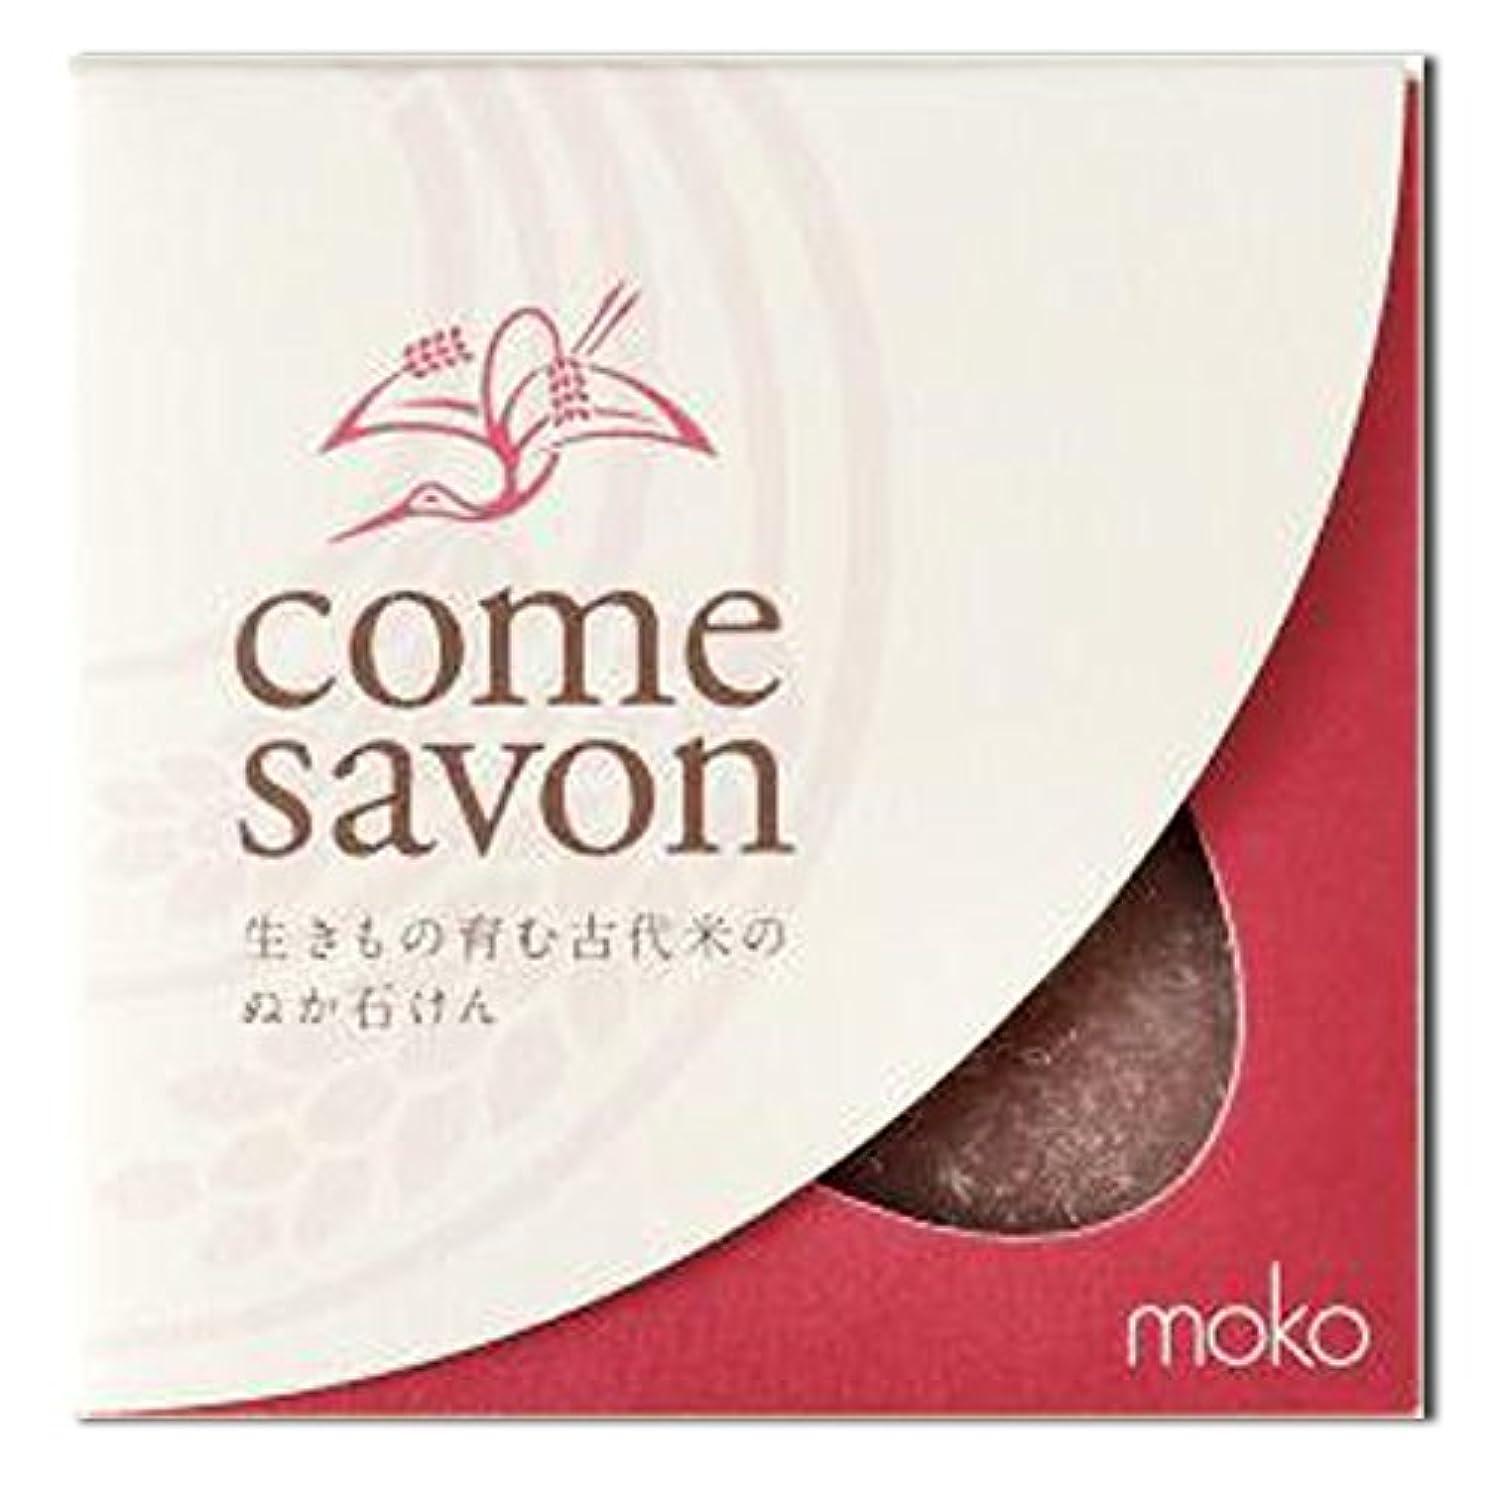 海藻モネインターネット無添加手作り石けんcome savon 紅 しっとりタイプ